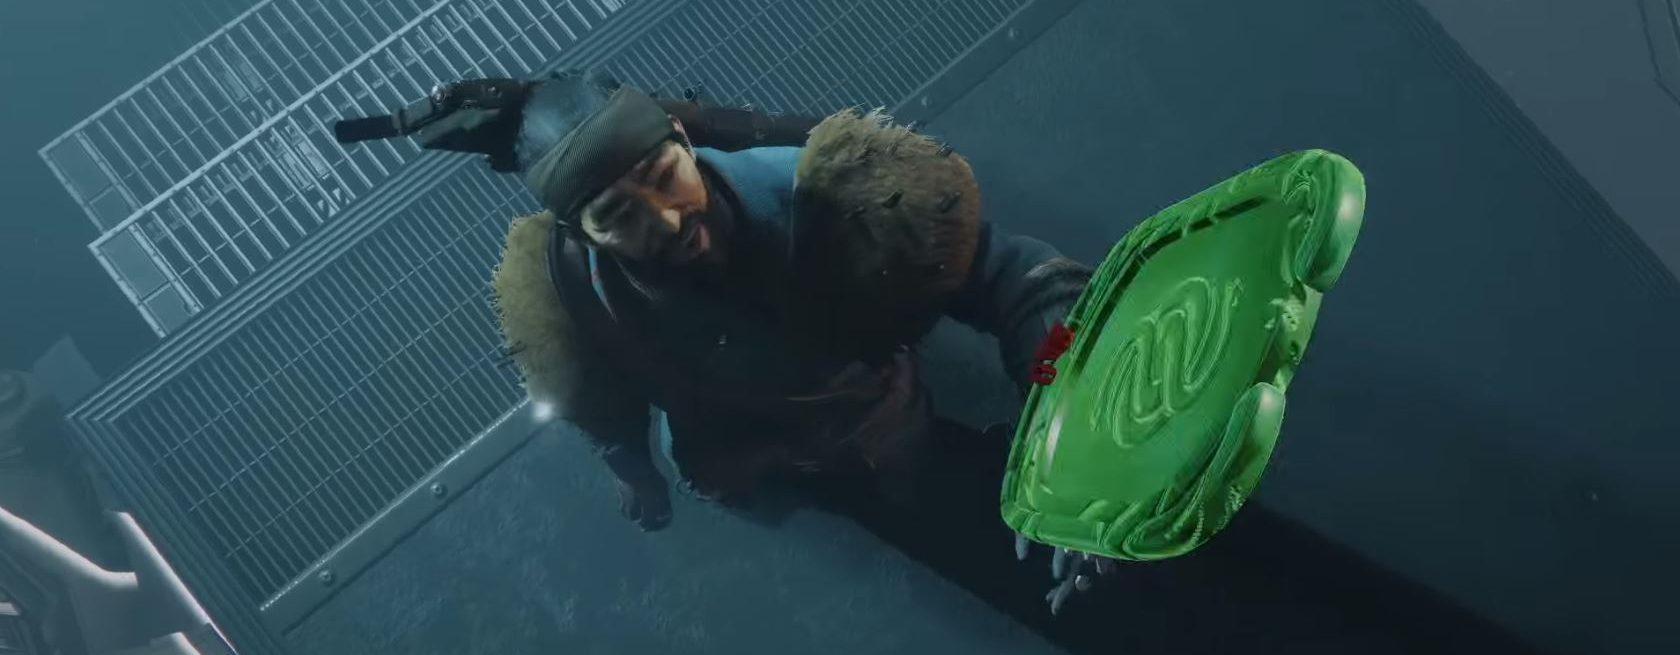 Bei der wichtigsten Änderung an Gambit hörte Destiny 2 auf einen Hüter